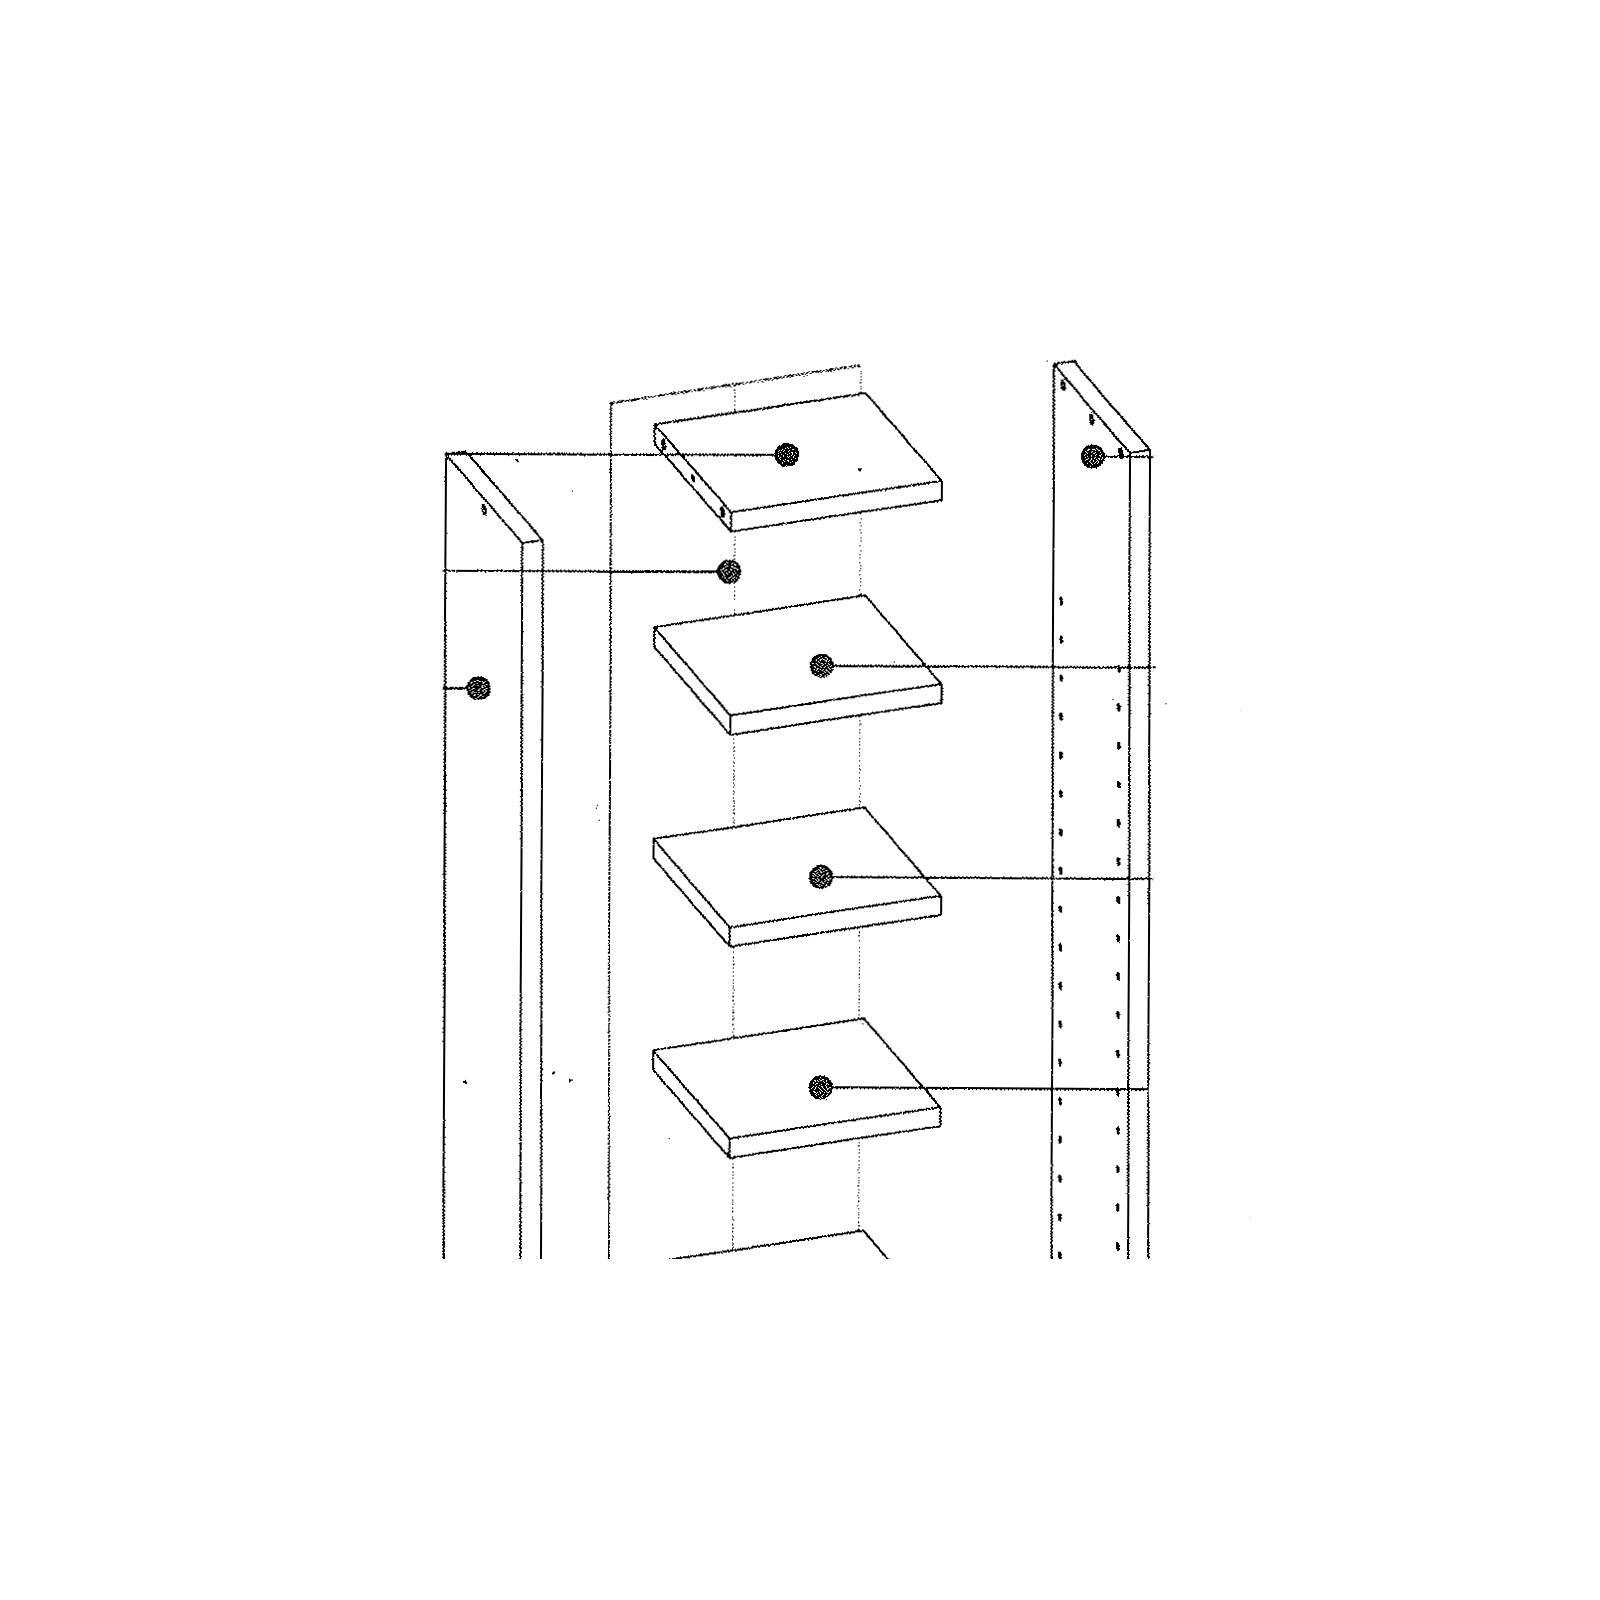 Möbel design regal  CD Regal DVD Stand Medien Aufbewahrung Möbel Design in weiss ...